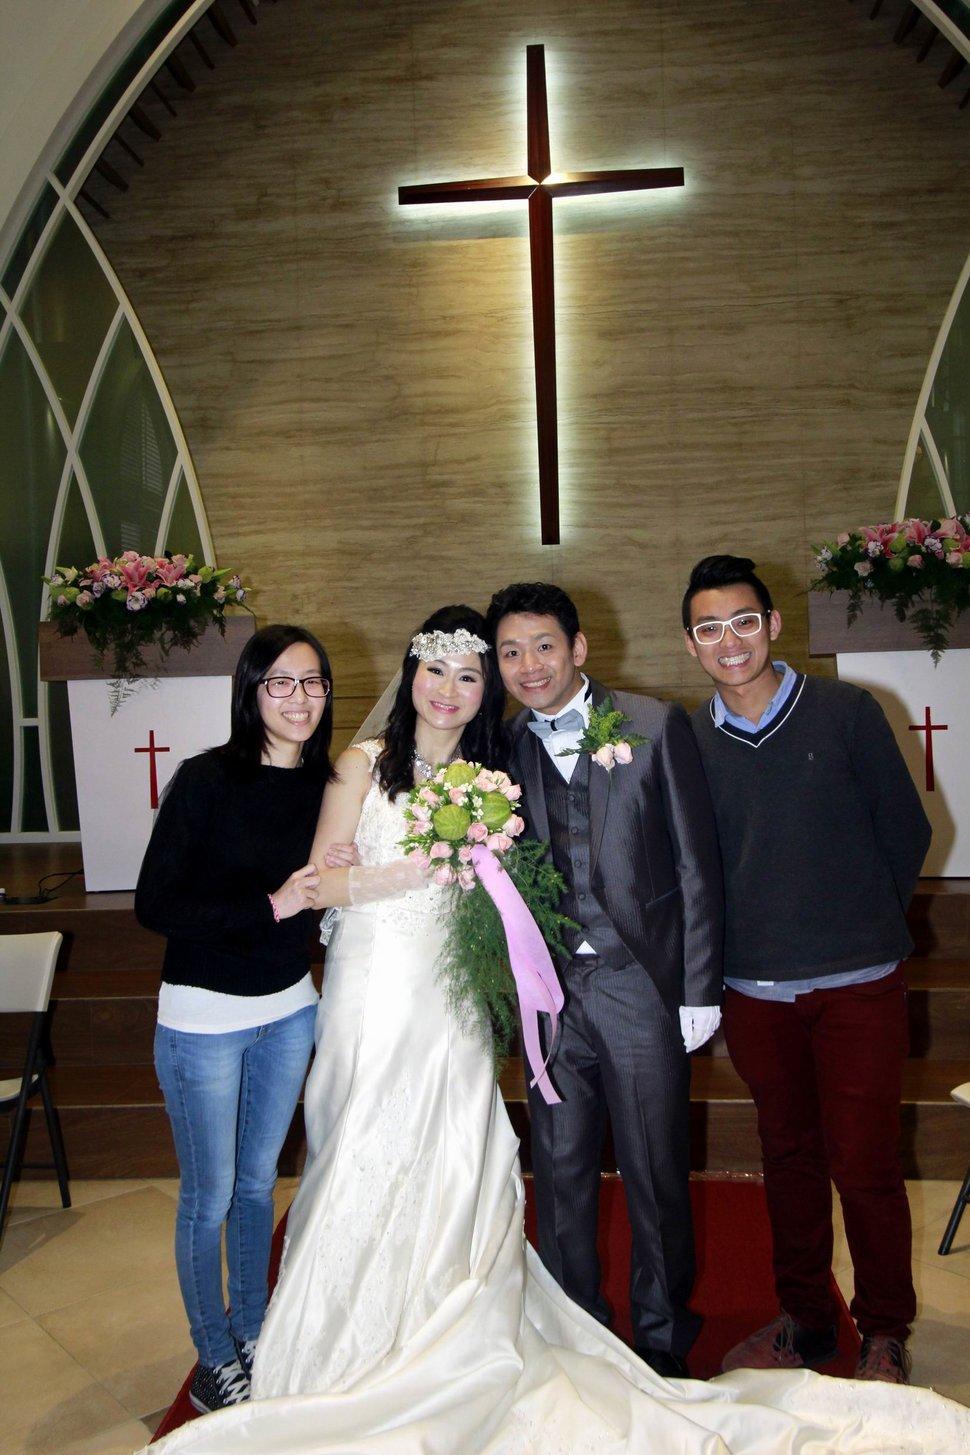 汐止那米哥餐廳婚宴會館餐廳婚攝j婚錄結婚迎娶婚禮記錄動態微電影錄影專業錄影平面攝影婚禮紀錄婚攝婚錄主持人(編號:280687) - 蜜月拍照10800錄影12800攝影團隊 - 結婚吧